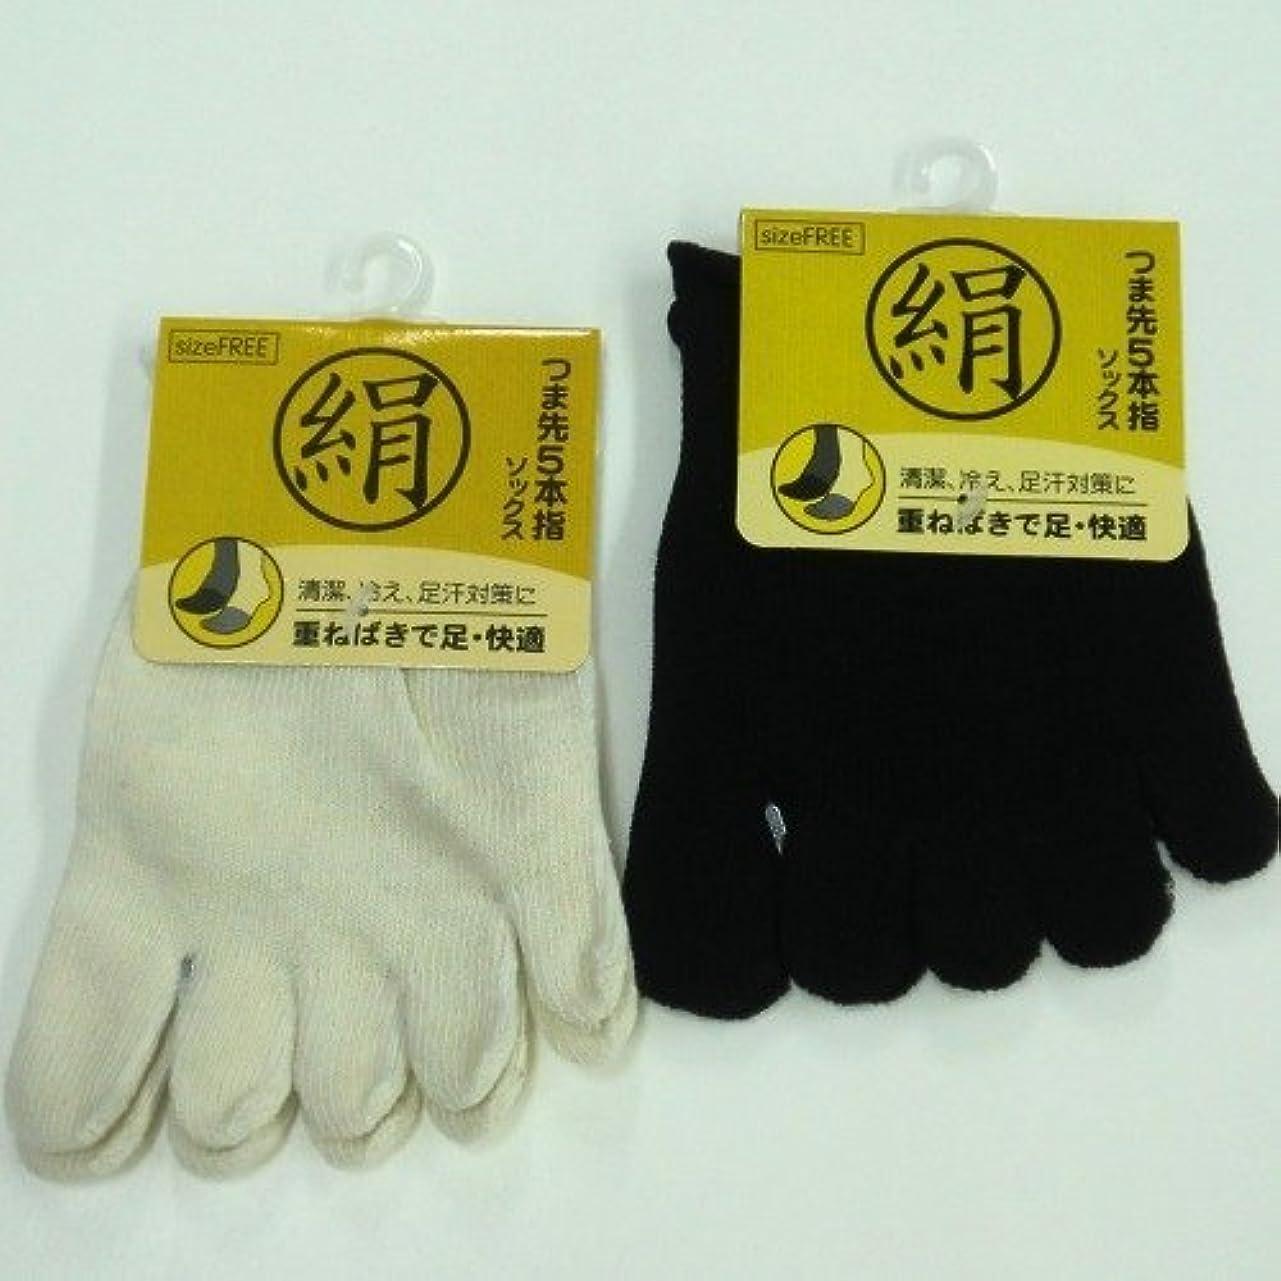 鉱石通訳資本シルク 5本指ハーフソックス 足指カバー 天然素材絹で抗菌防臭 3足組 (色はお任せ)